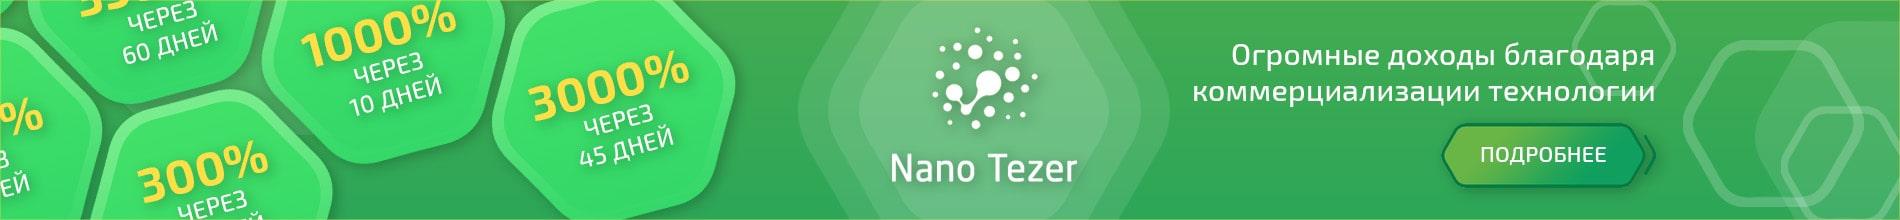 Баннер в шапке nanotezer